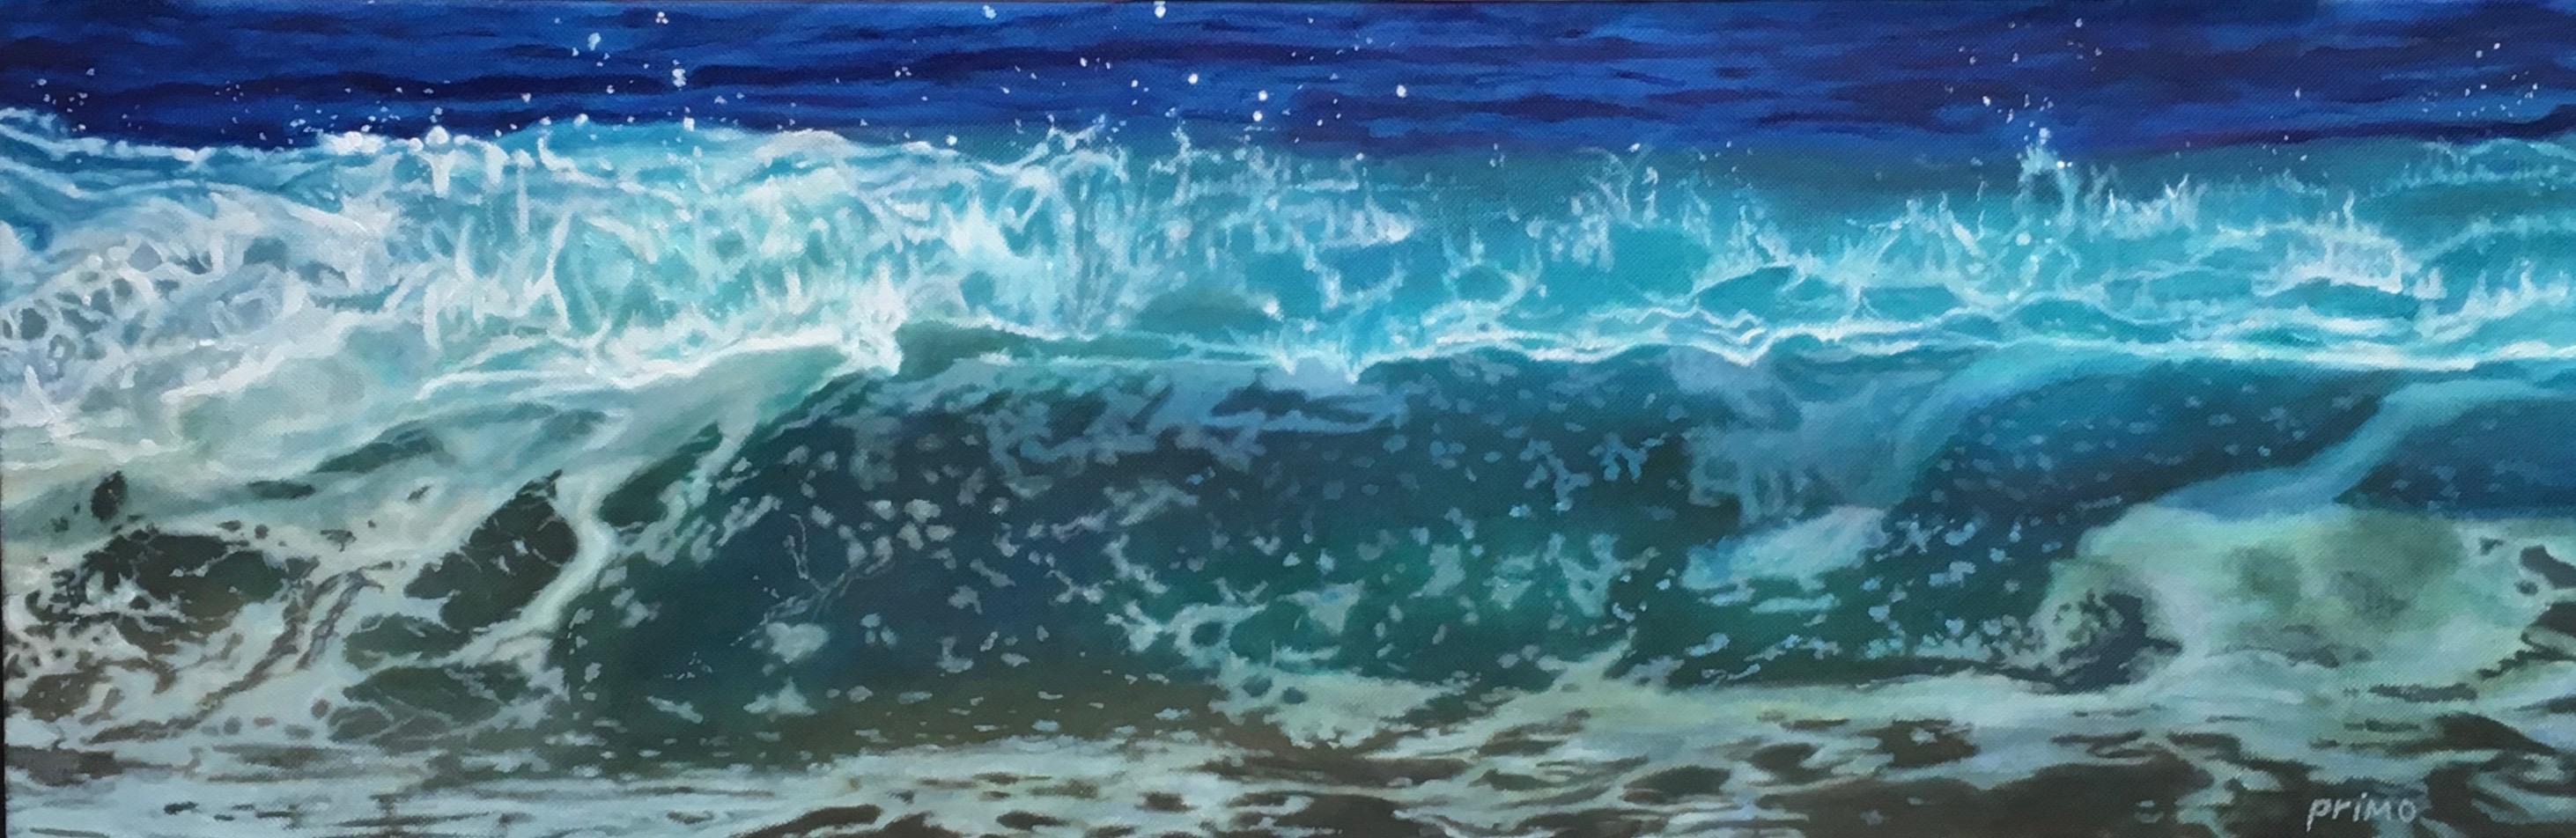 Shorebreak 3